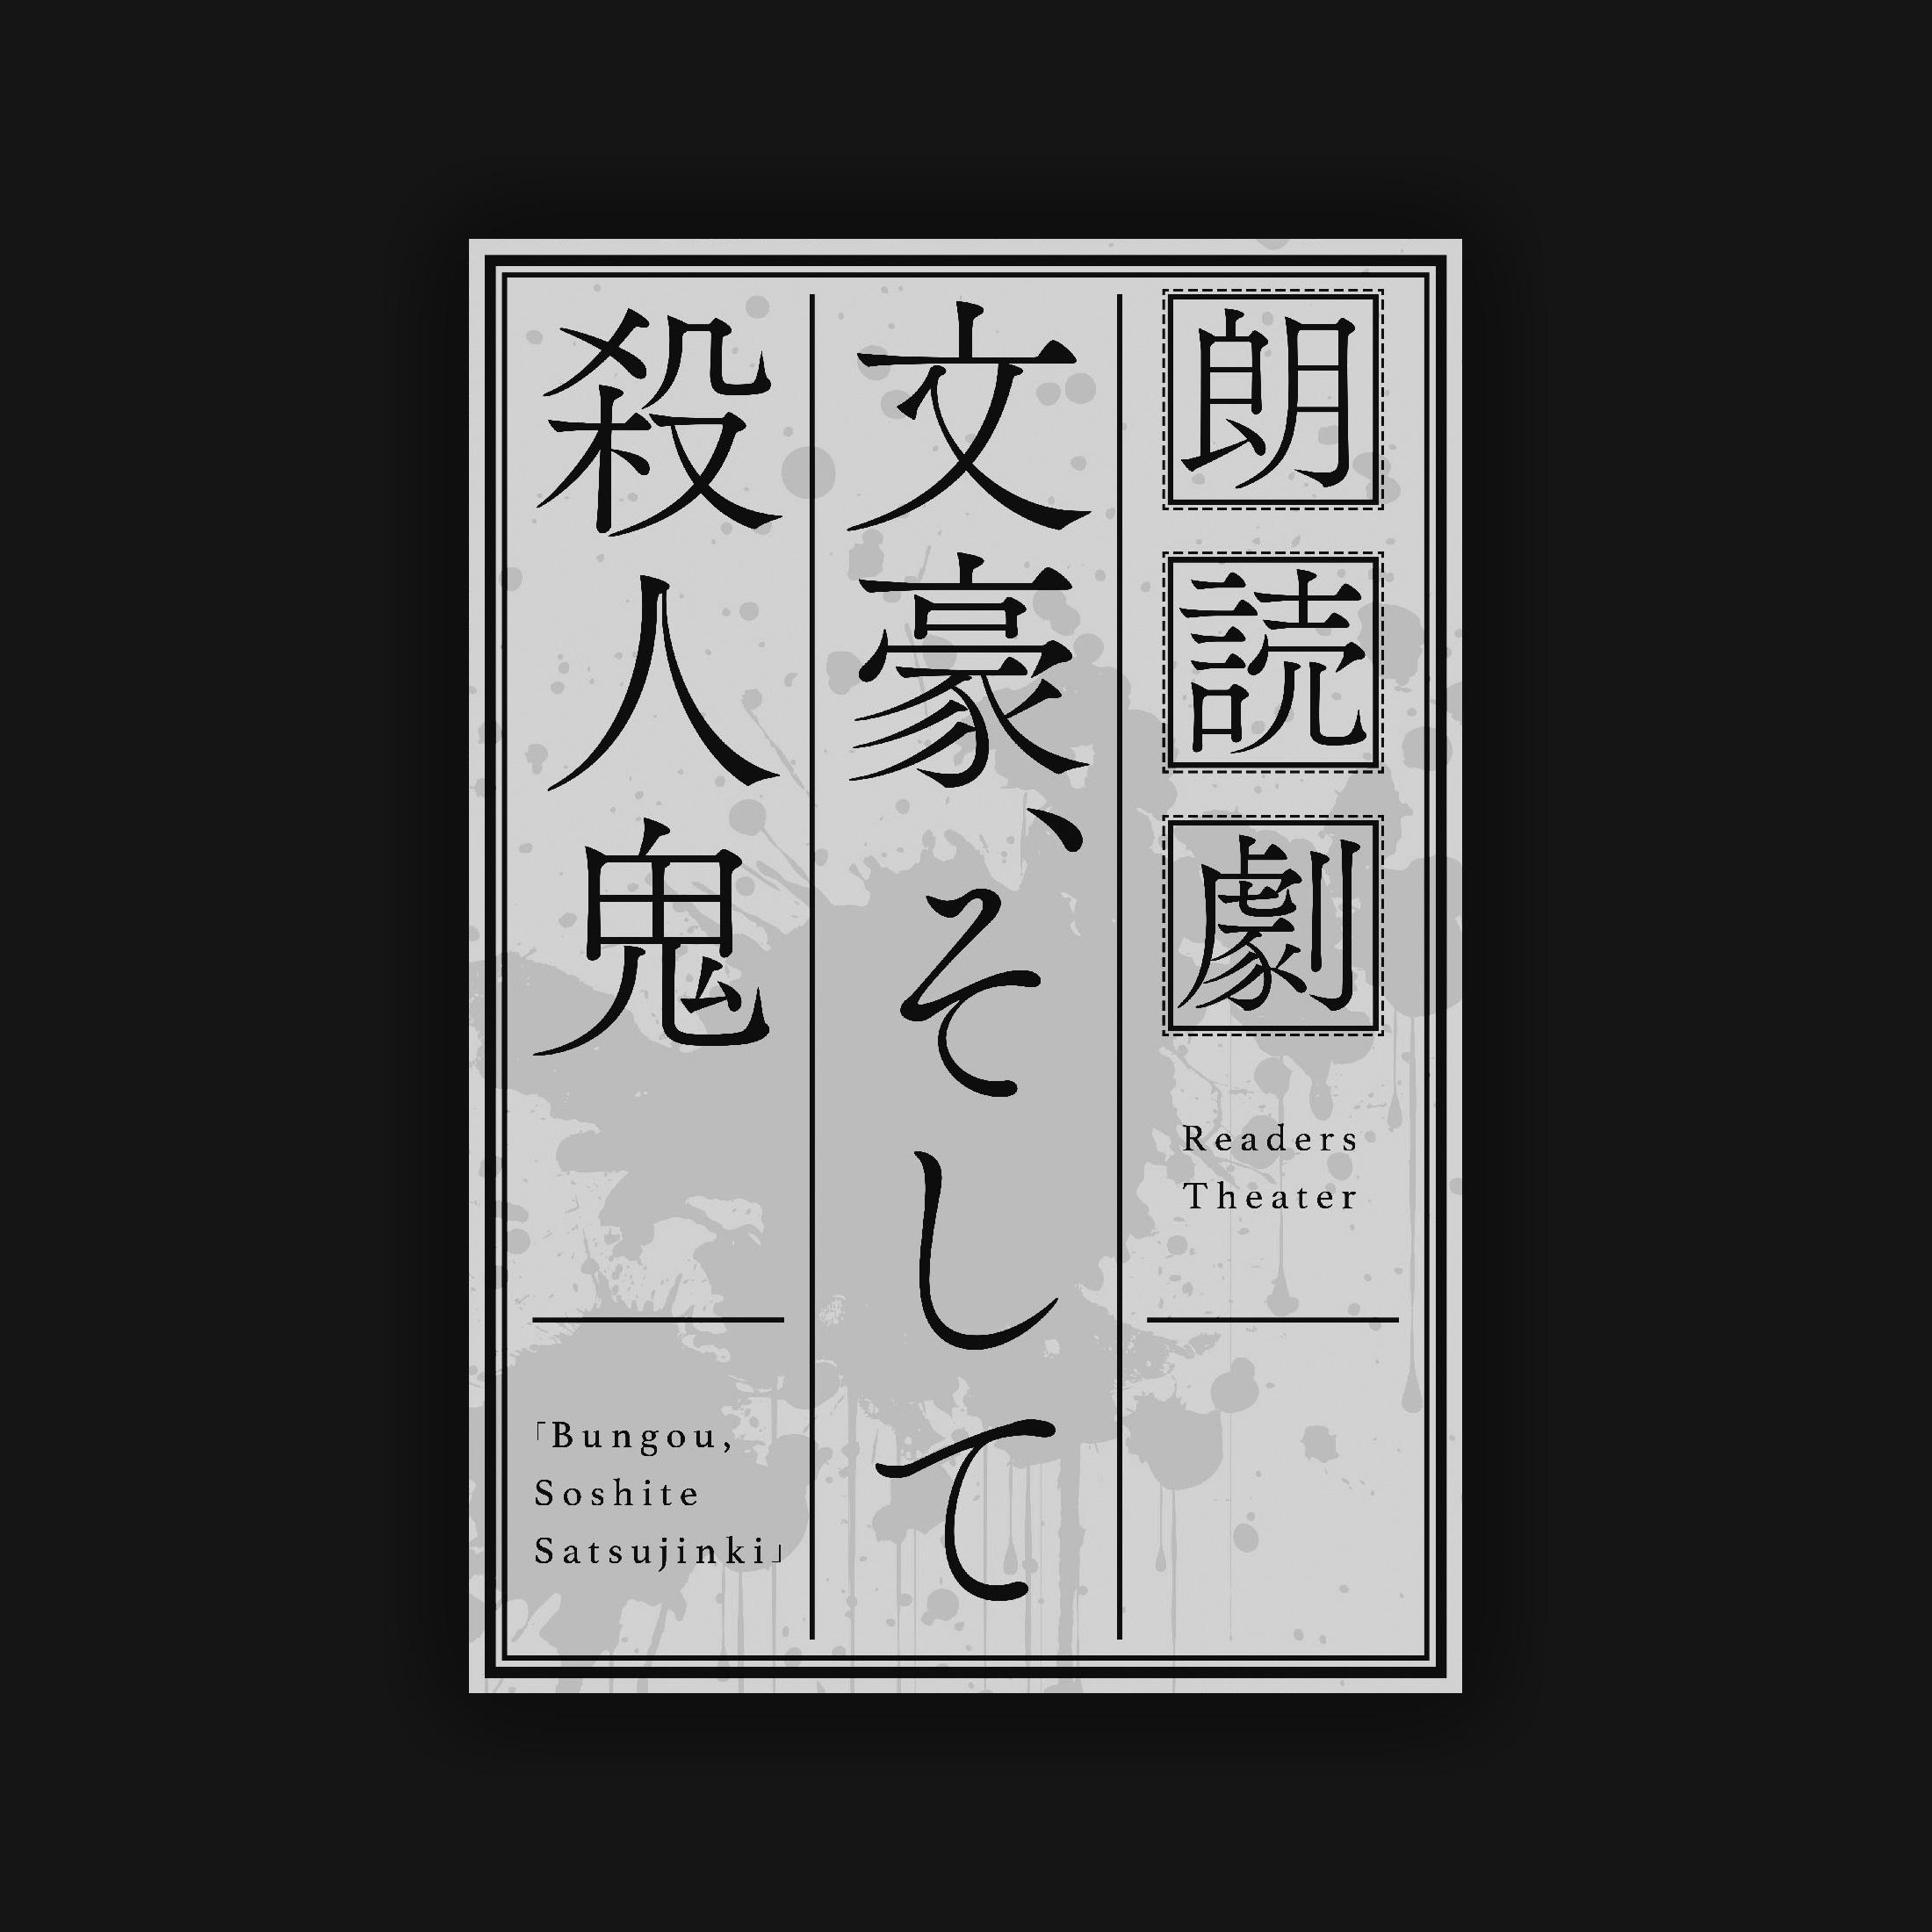 オリジナル朗読劇「文豪、そして殺人鬼」12月7日公演 夜公演